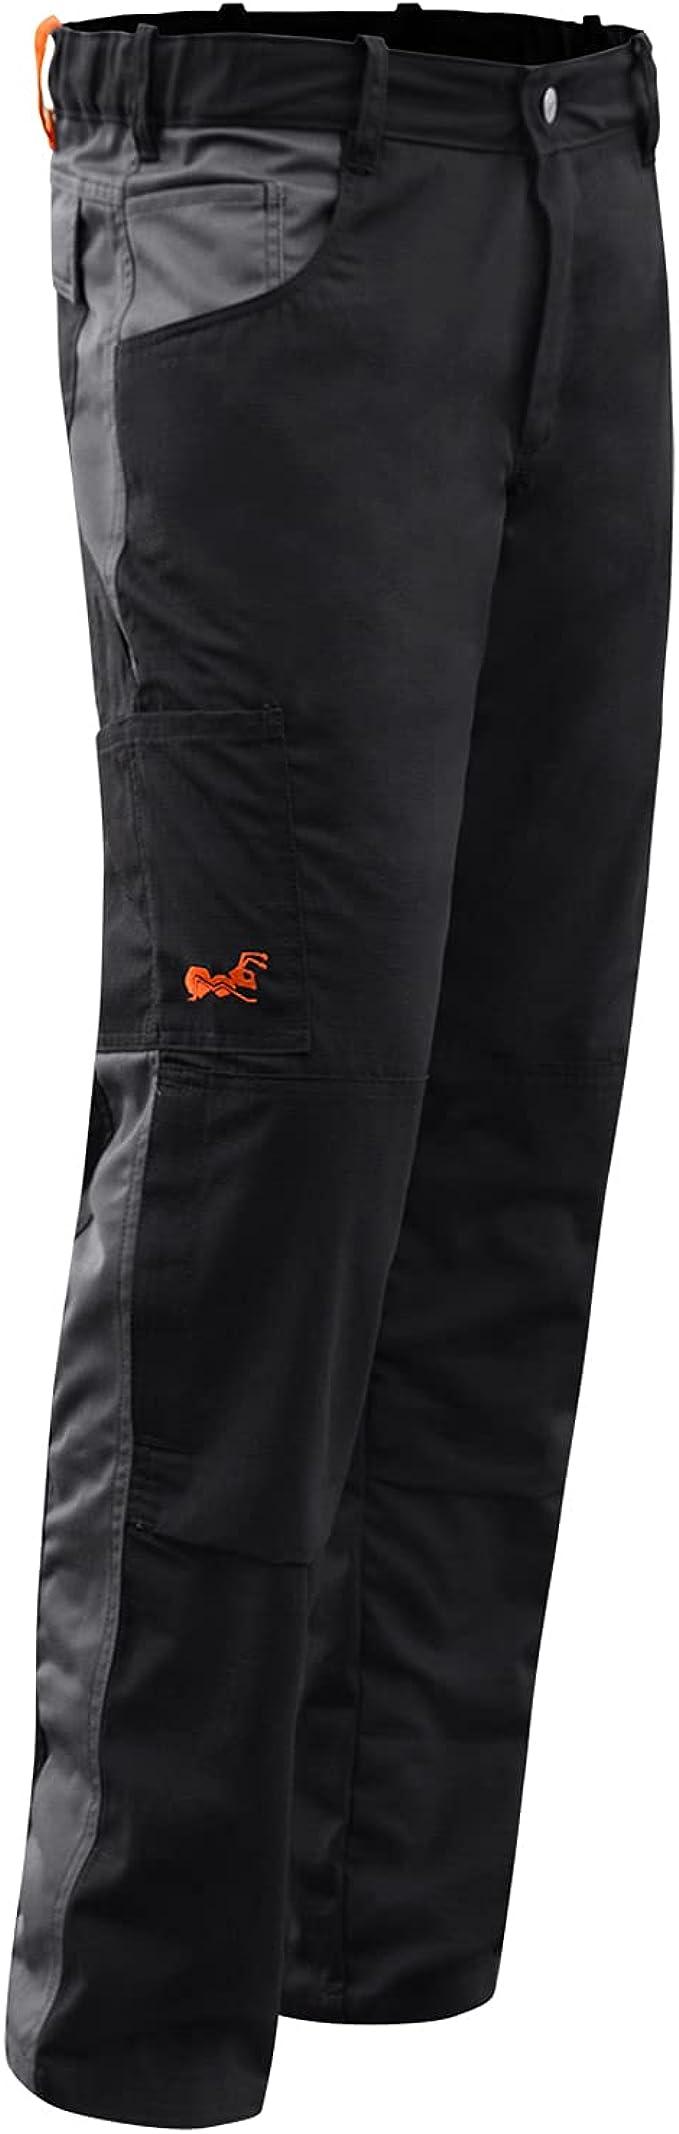 290 opiniones para strongAnt®- Pantalones Elasticos Hombre, Pantalón de Trabajo Berlin Pro 260 GR